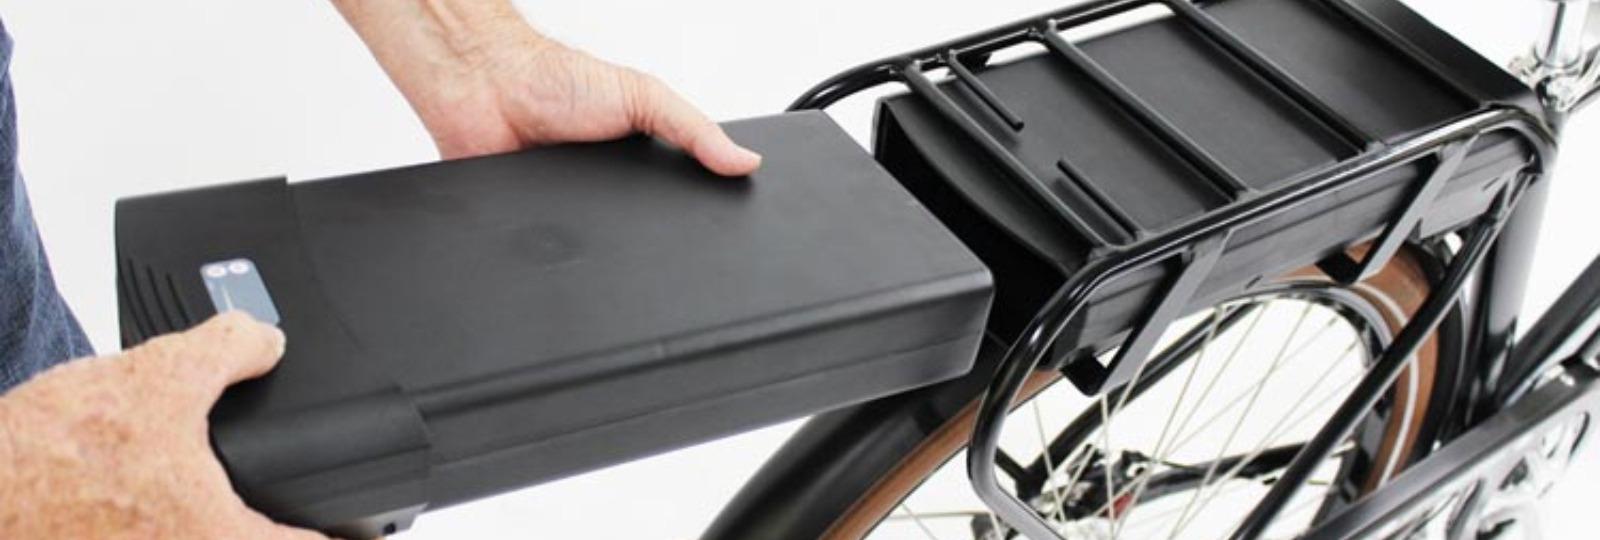 Collecte et recyclage des batteries de VAE usagées